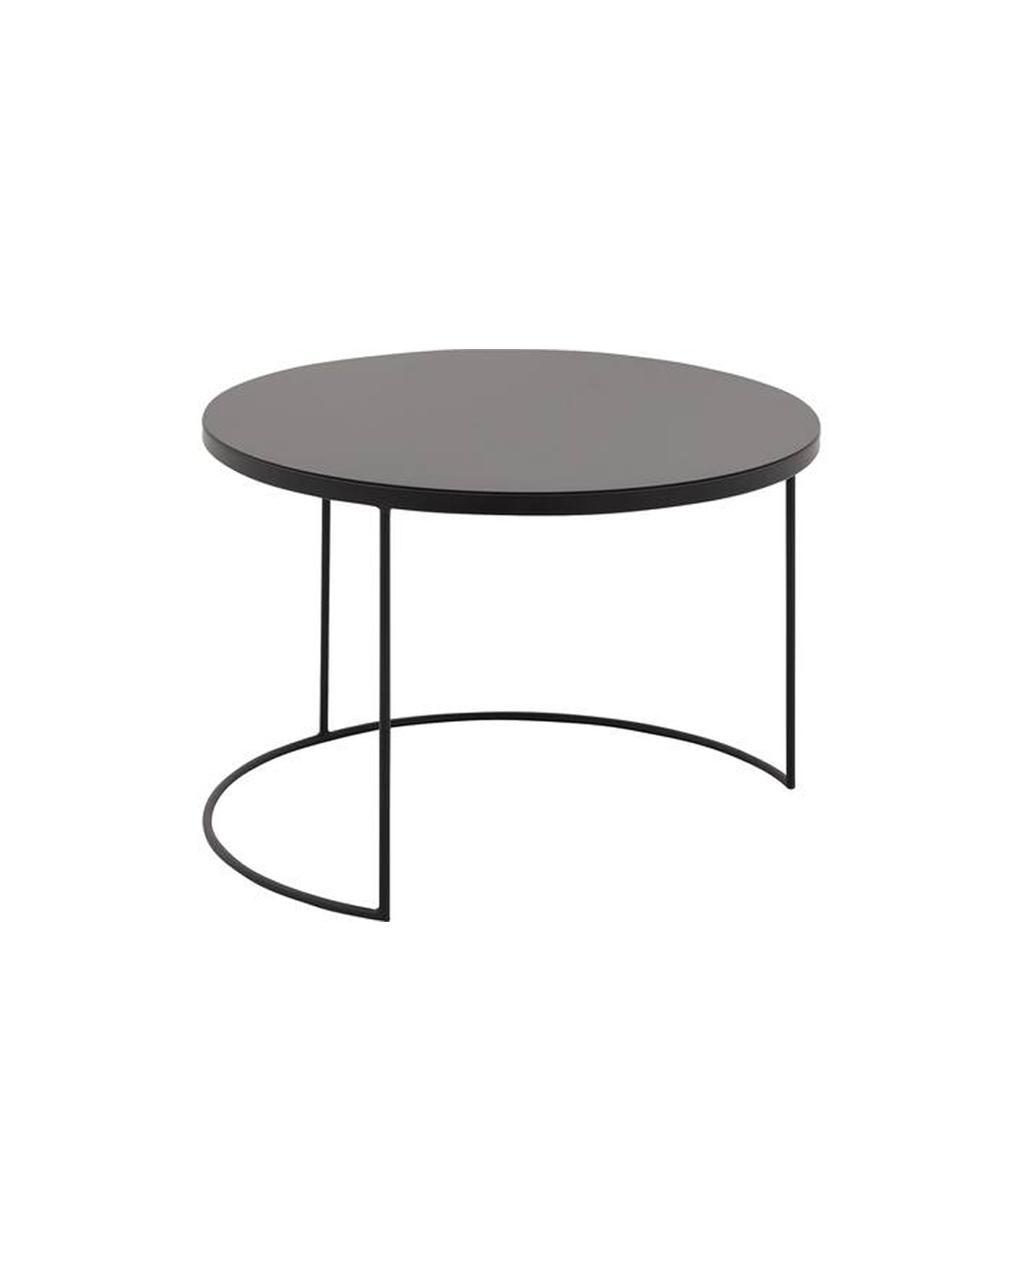 Zwarte salontafel met metalen poten